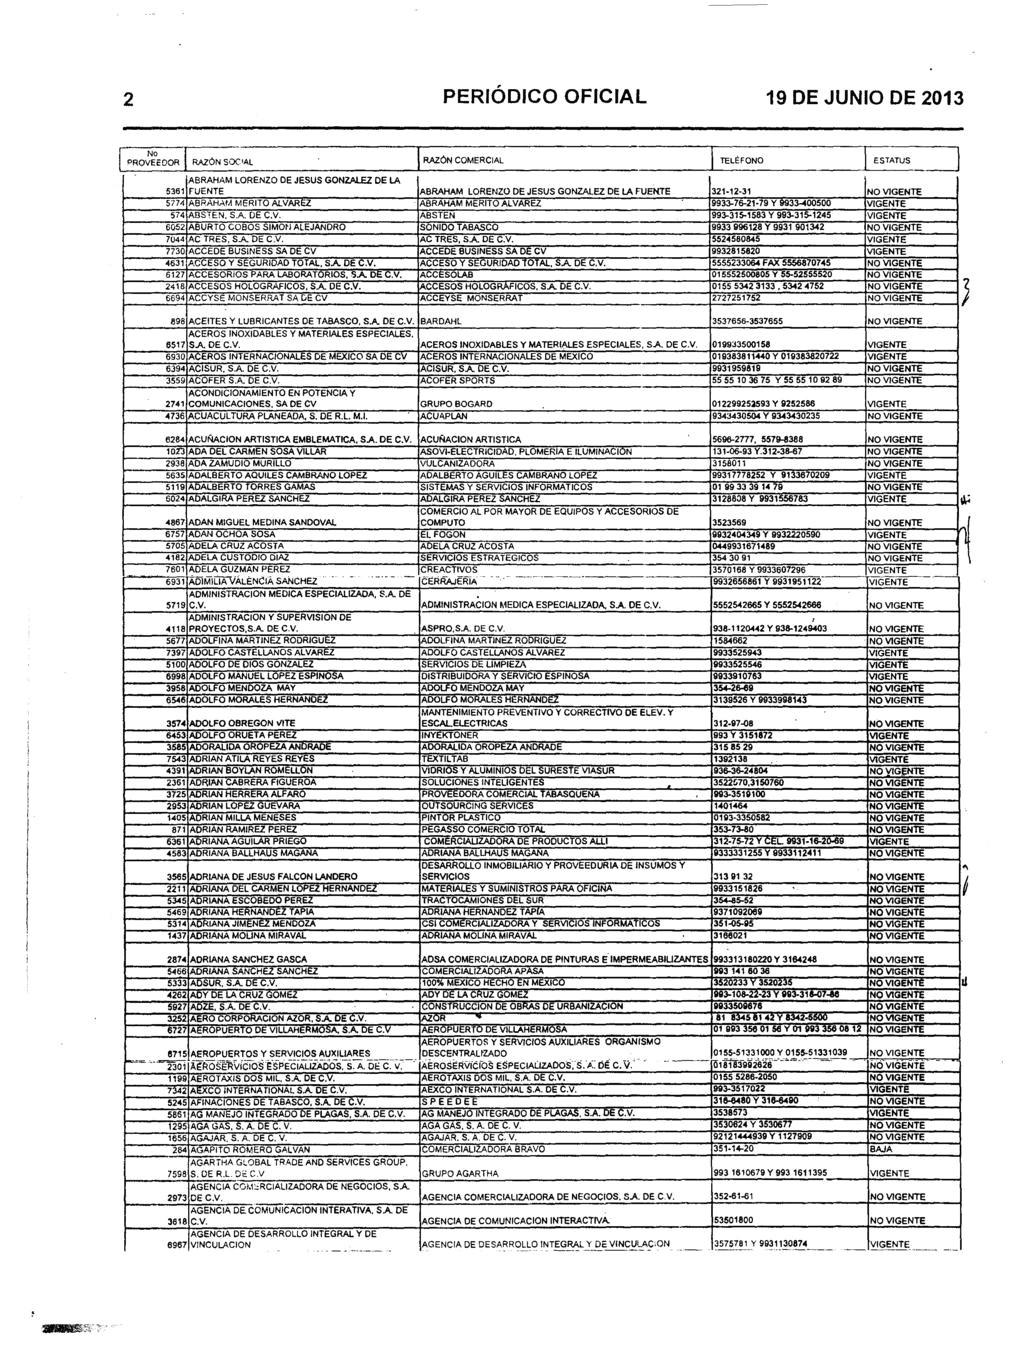 2 peria dco ofcal 19 de juno de 2013 pro edor ra2a n socal abraham lorenzo